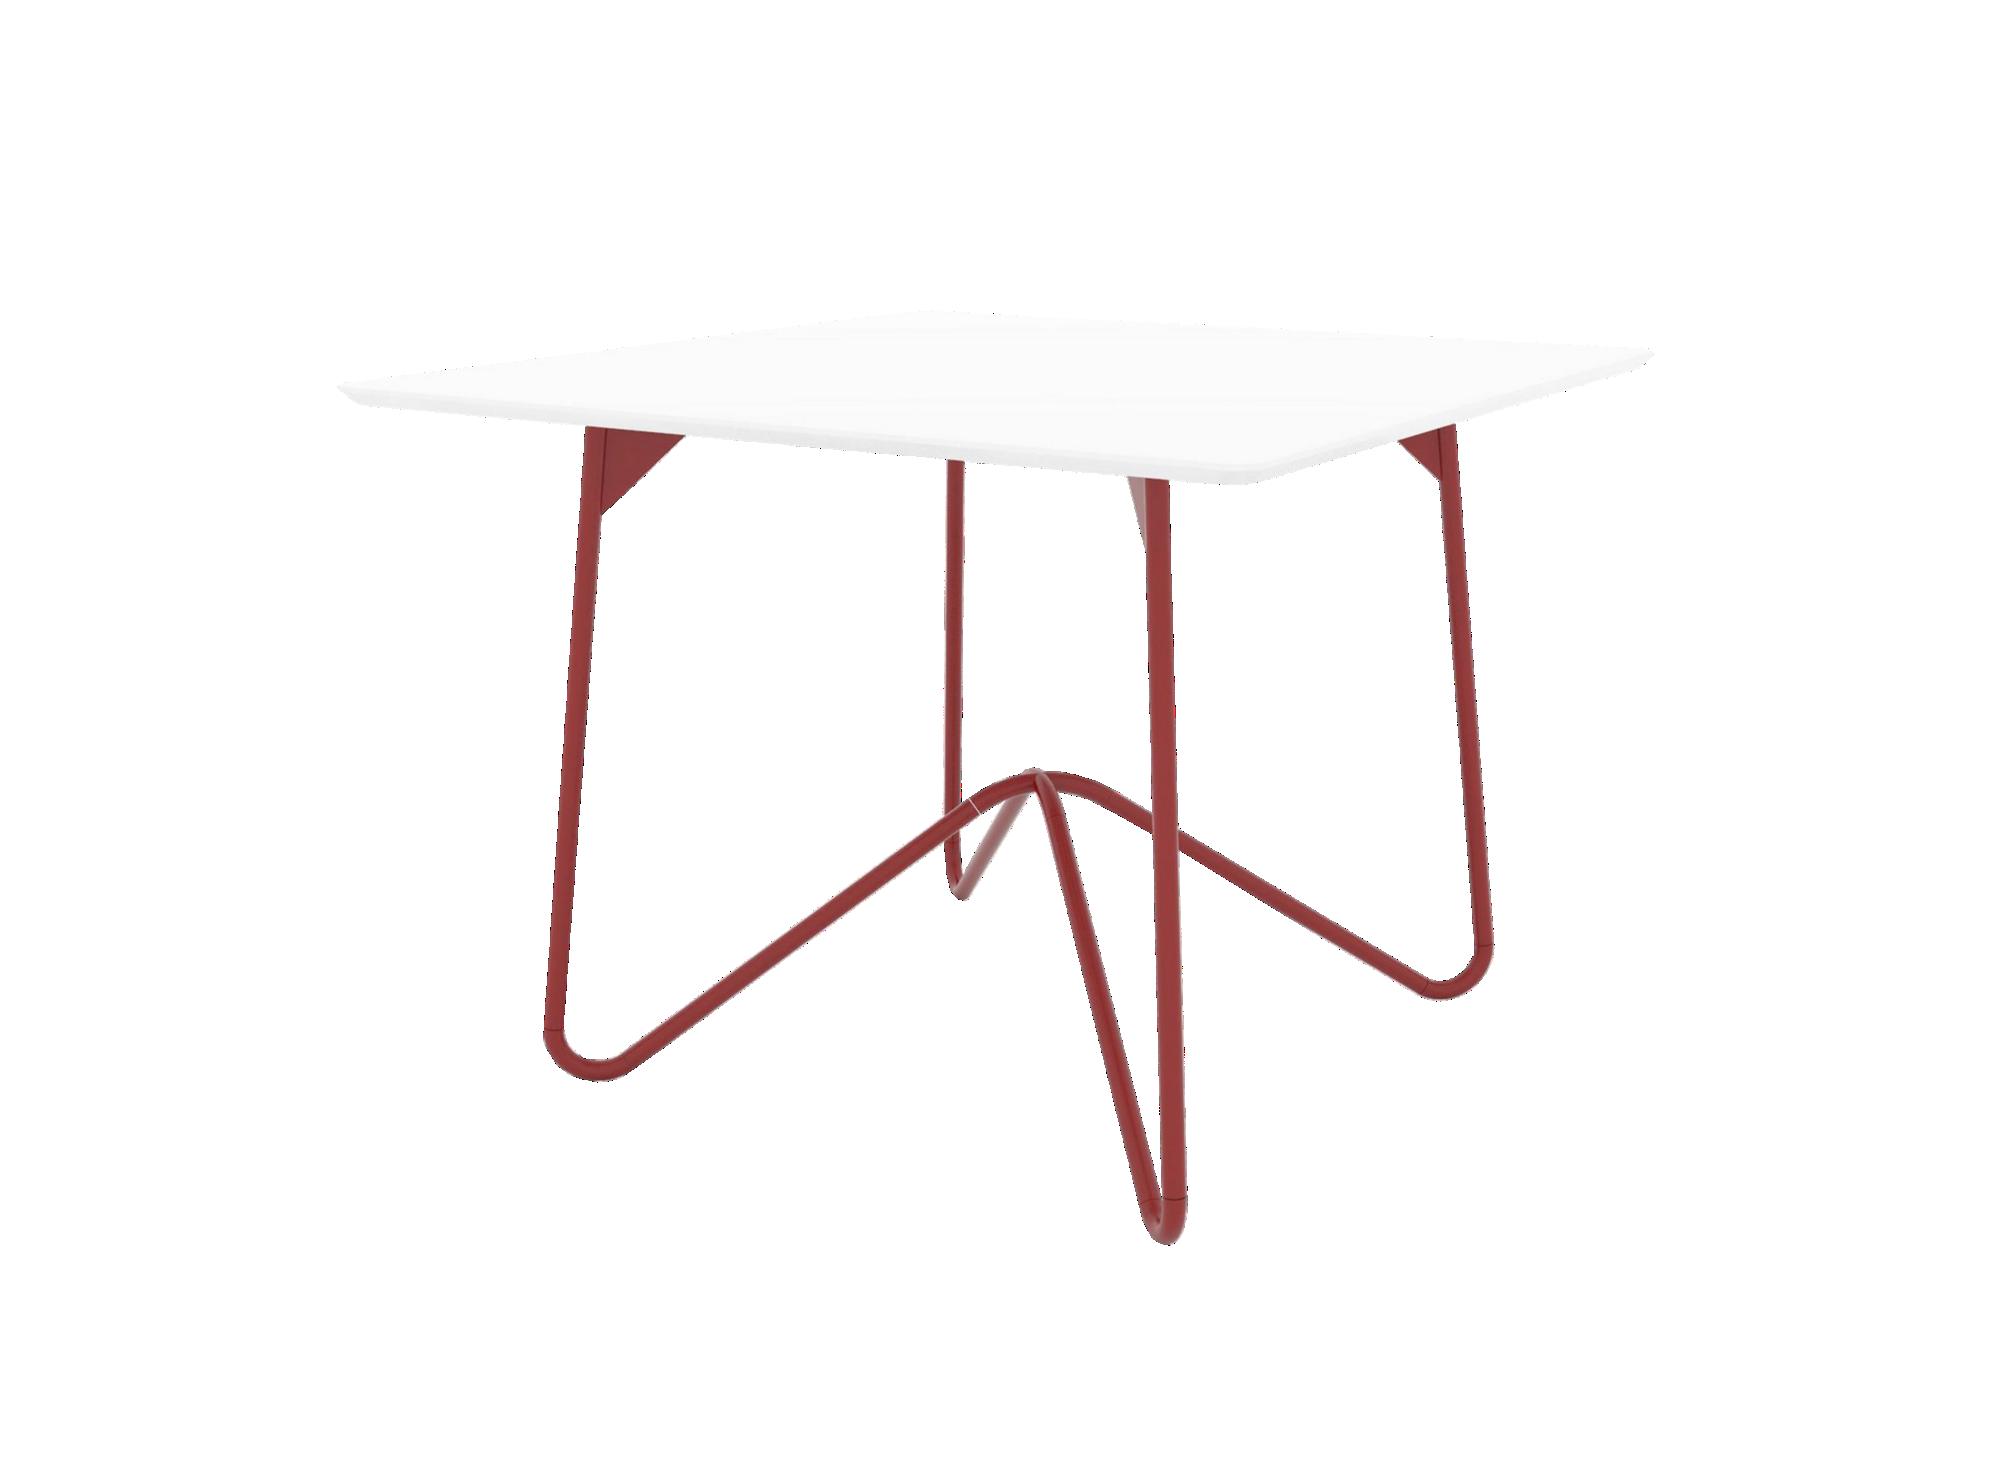 Table carree structure et pietement en acie r revetu epoxy coloris ro ...